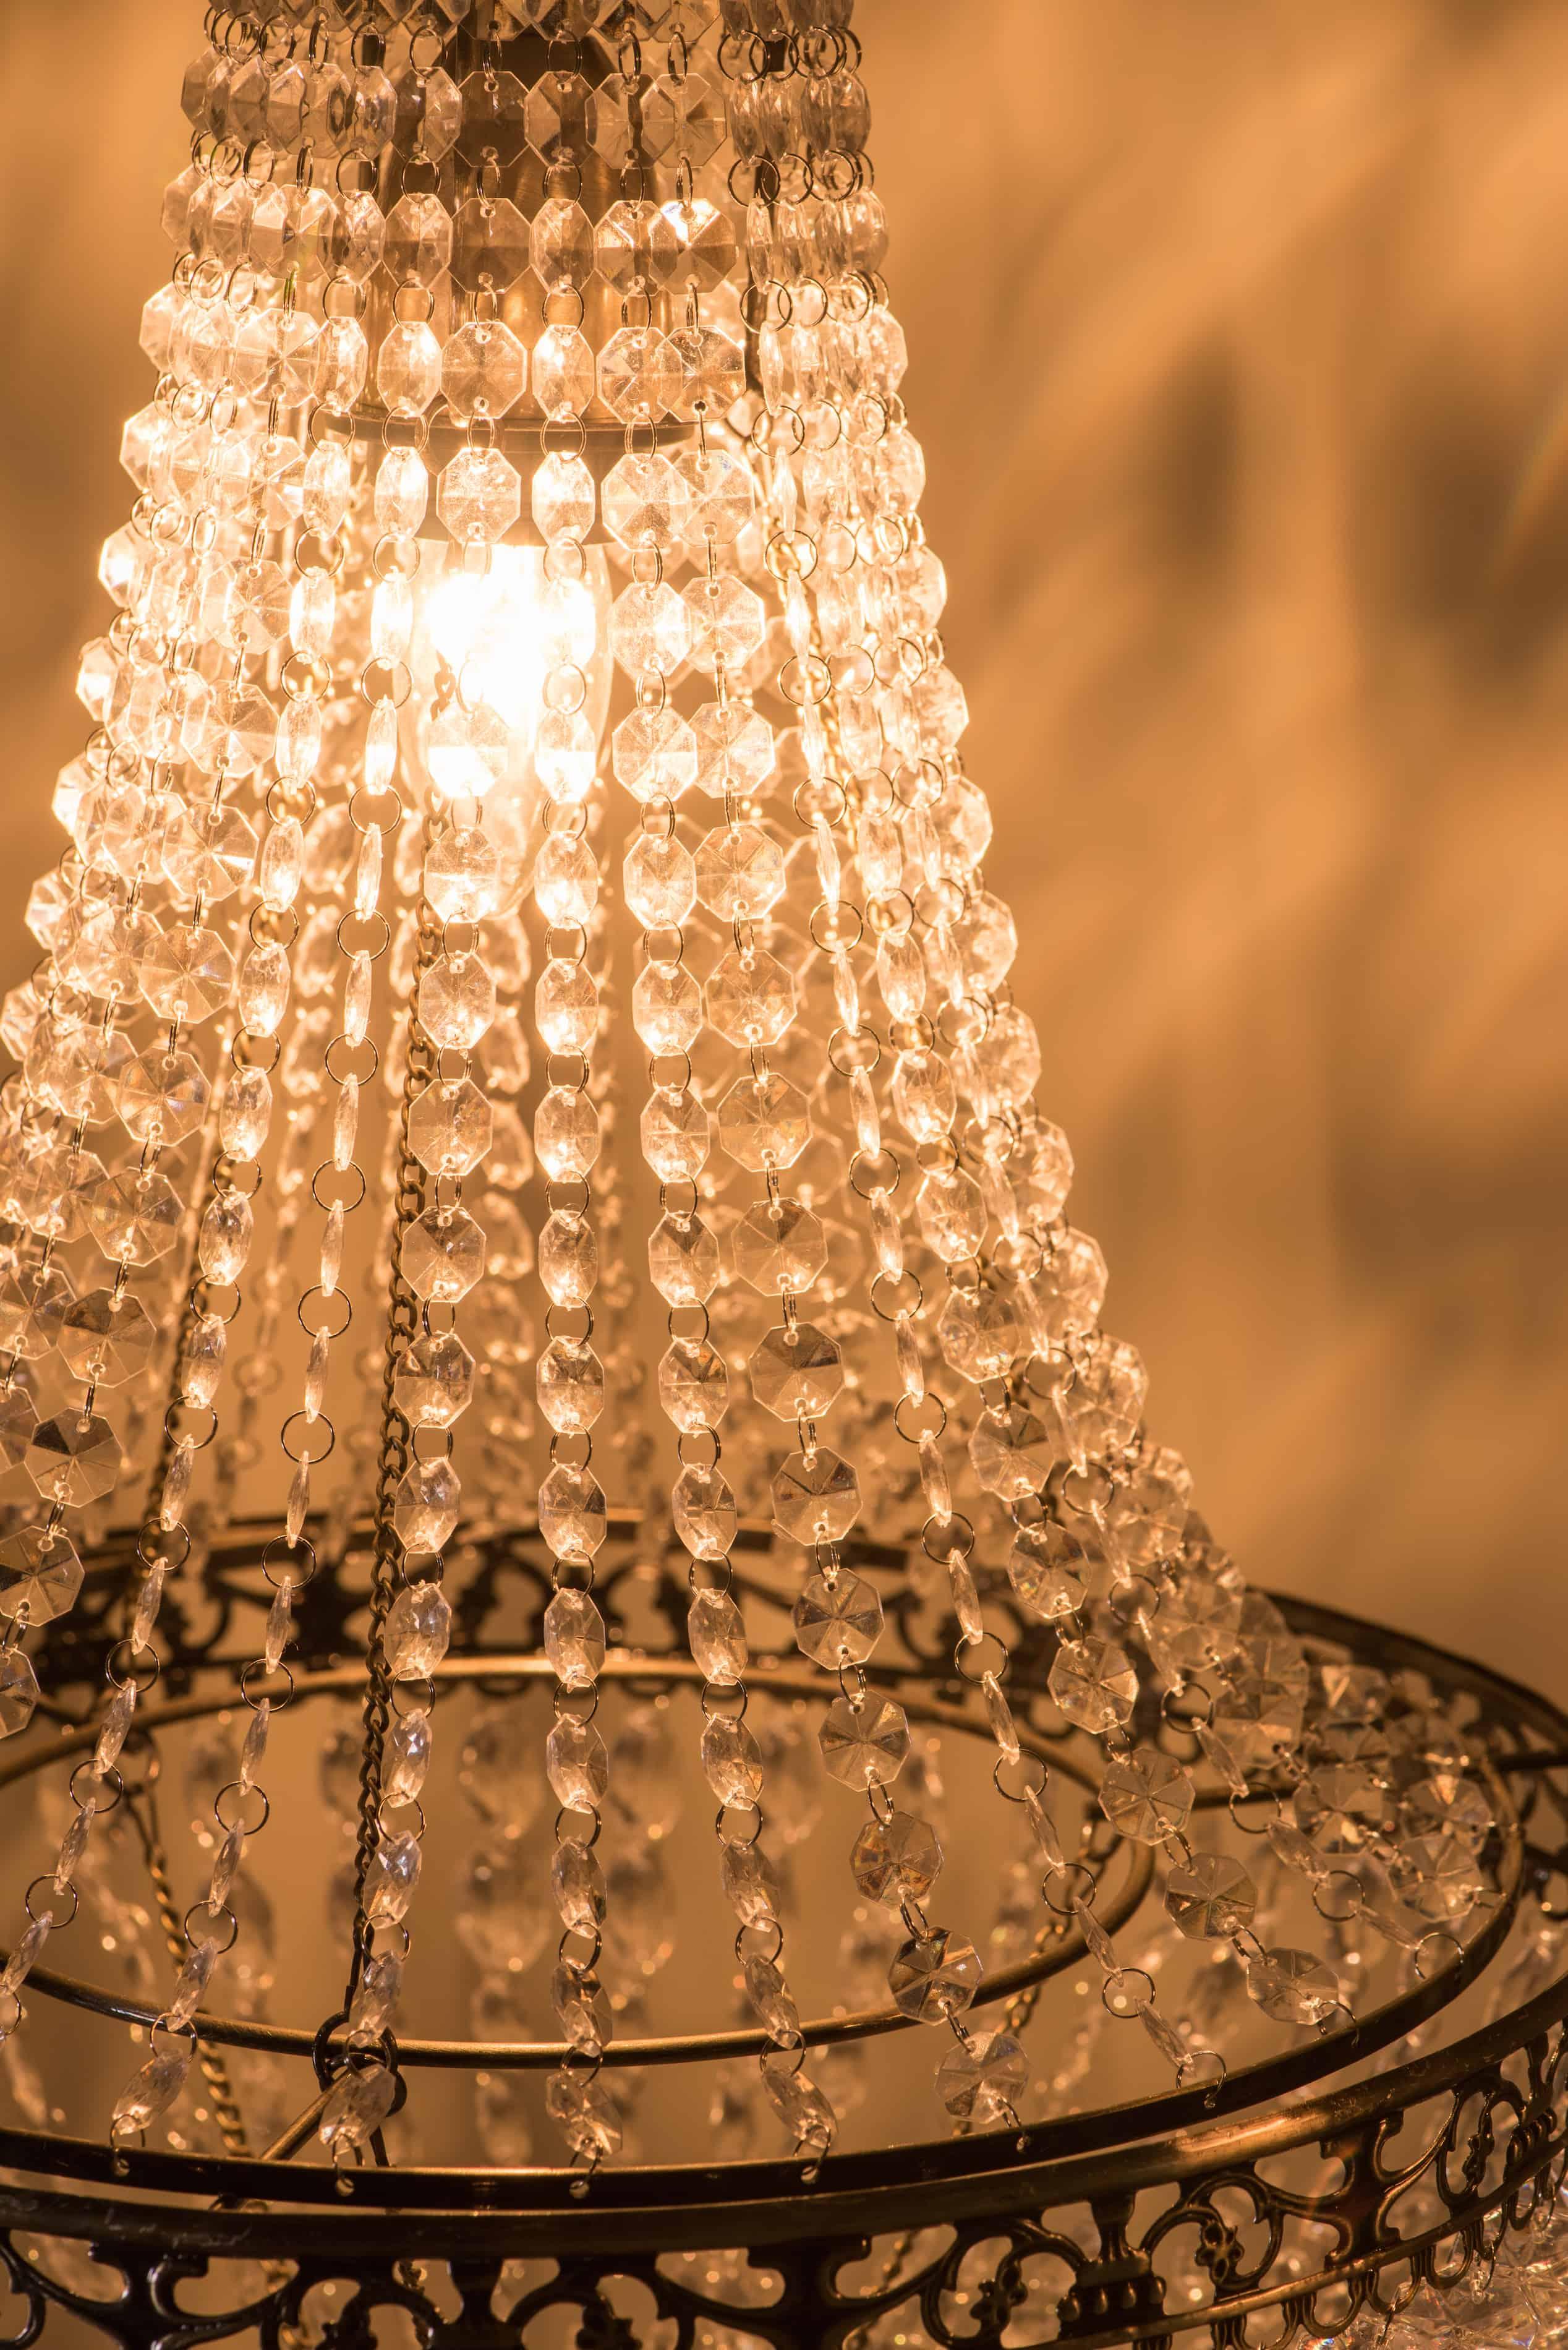 古銅華麗透明壓克力珠吊燈-BNL00050 8